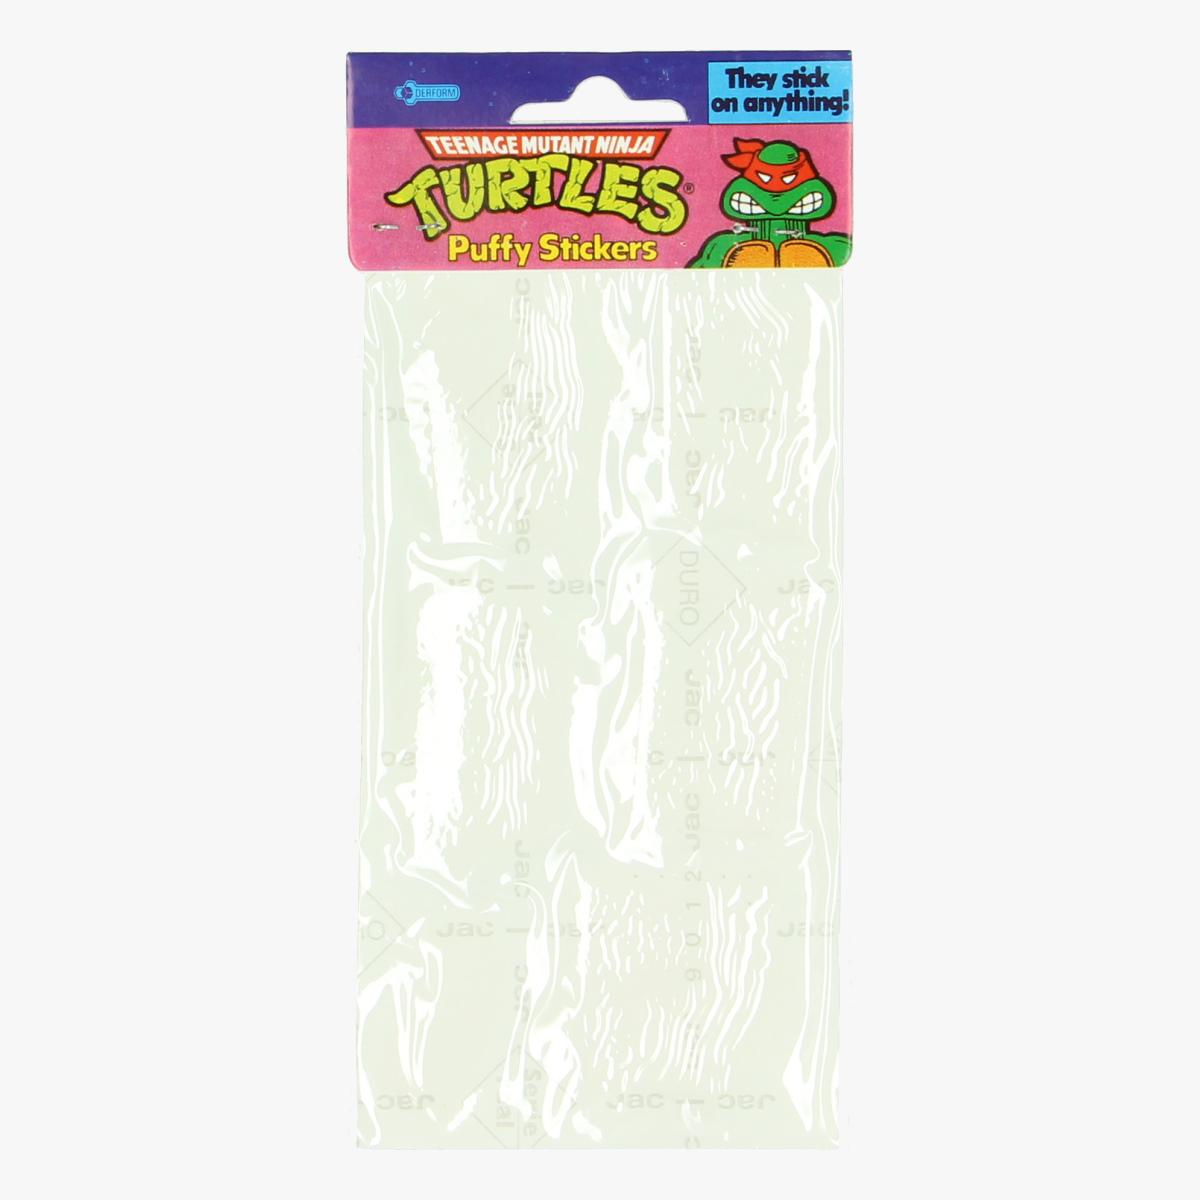 Afbeeldingen van Puffy stickers Teenage mutant ninja turtles